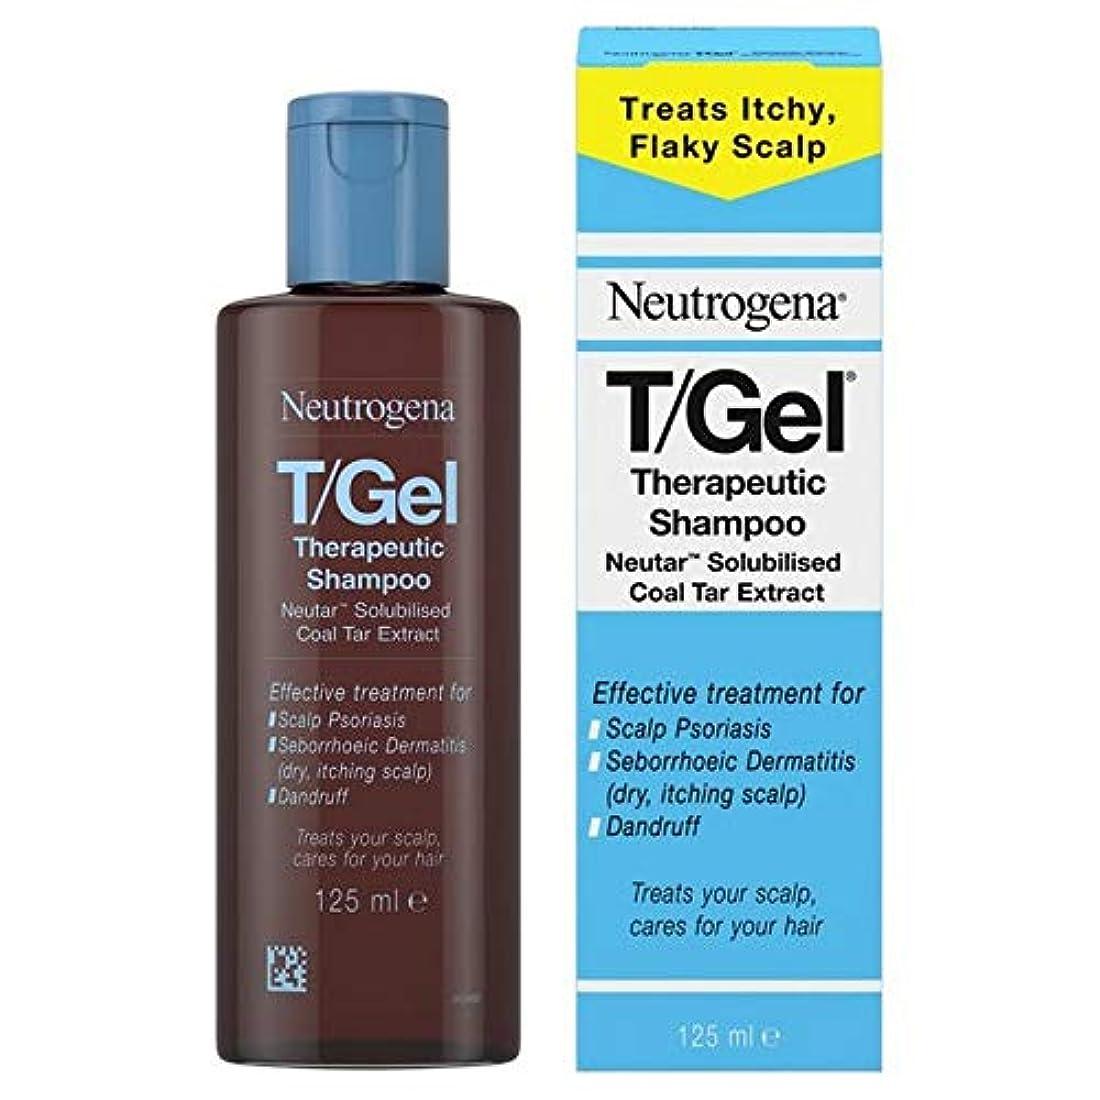 彼らのしなやかウェイター[Neutrogena ] ニュートロジーナのT /ゲル治療シャンプー125ミリリットル - Neutrogena T/Gel Therapeutic Shampoo 125ml [並行輸入品]